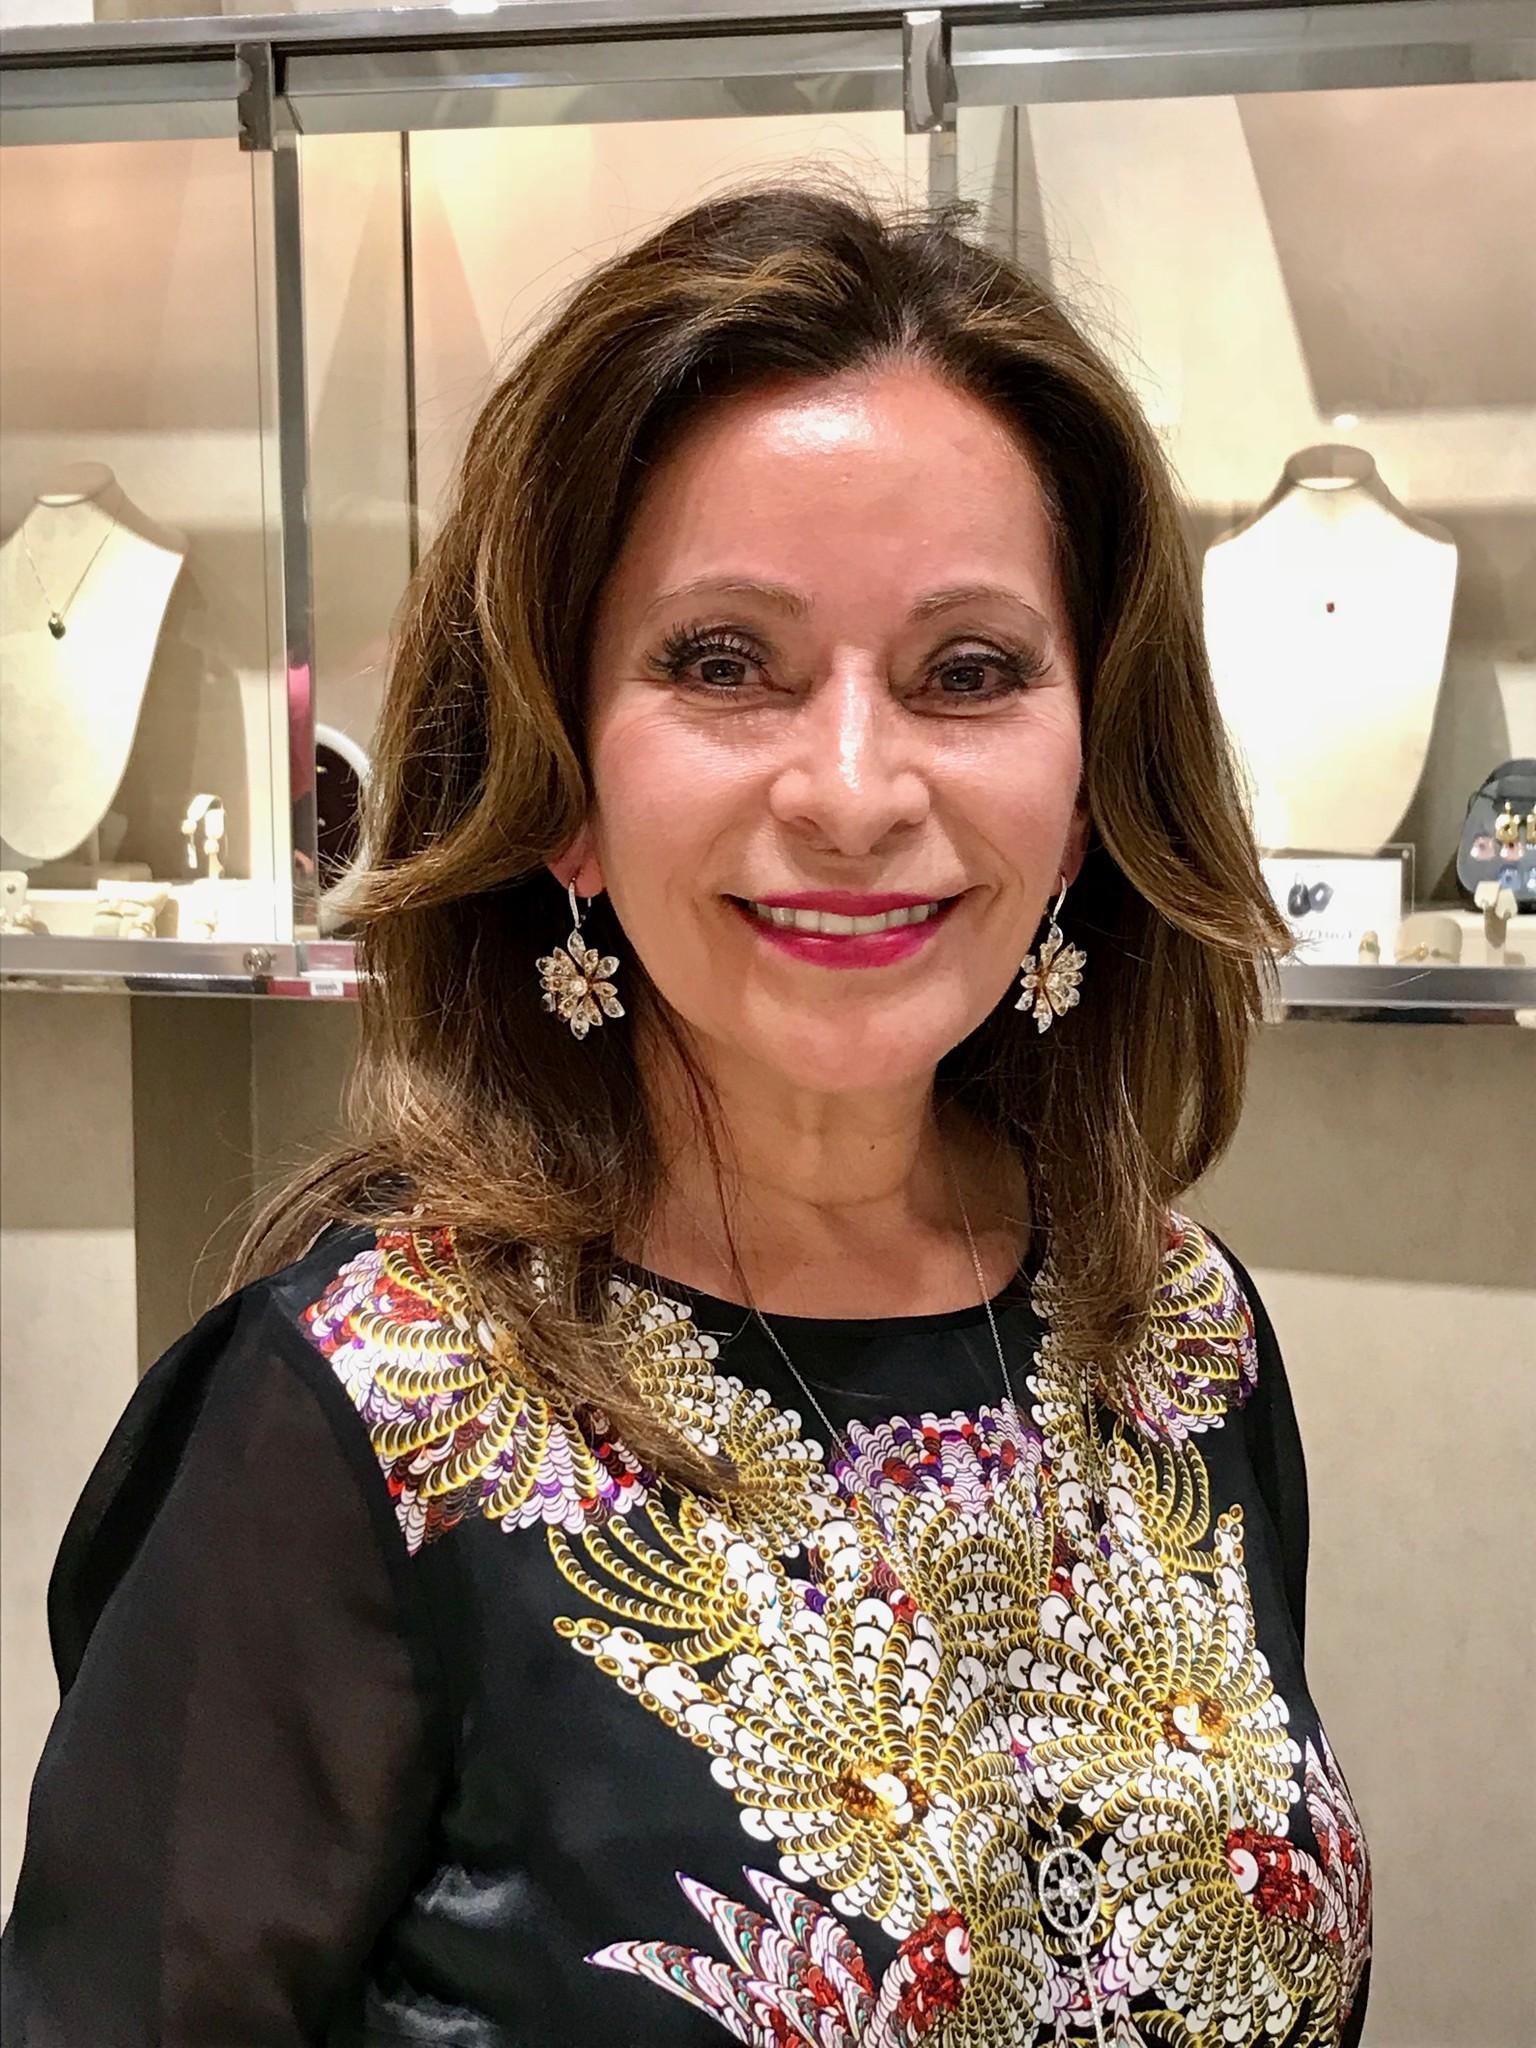 Elisa Jaime